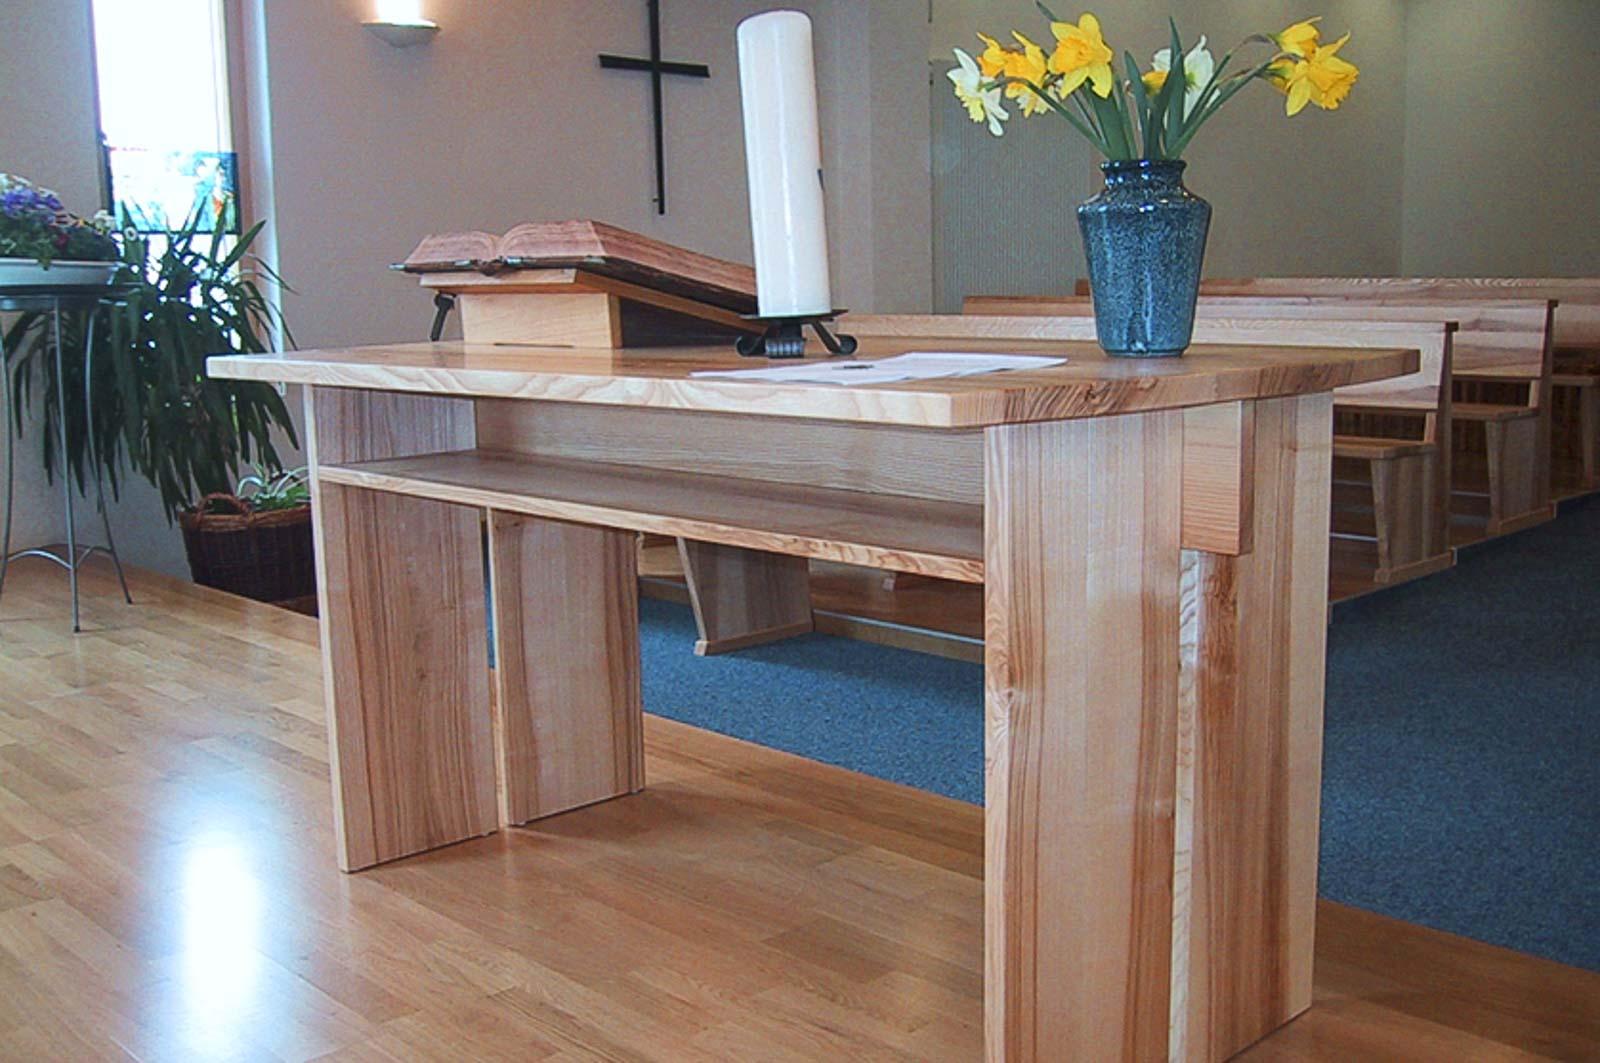 Woodesign_öffentliche Bauten_Kirchenmöbel_Altar_Ambos_Stühle_Kirchgemeine Weissenstein_Massivholz_Esche mit Braunkern (1)